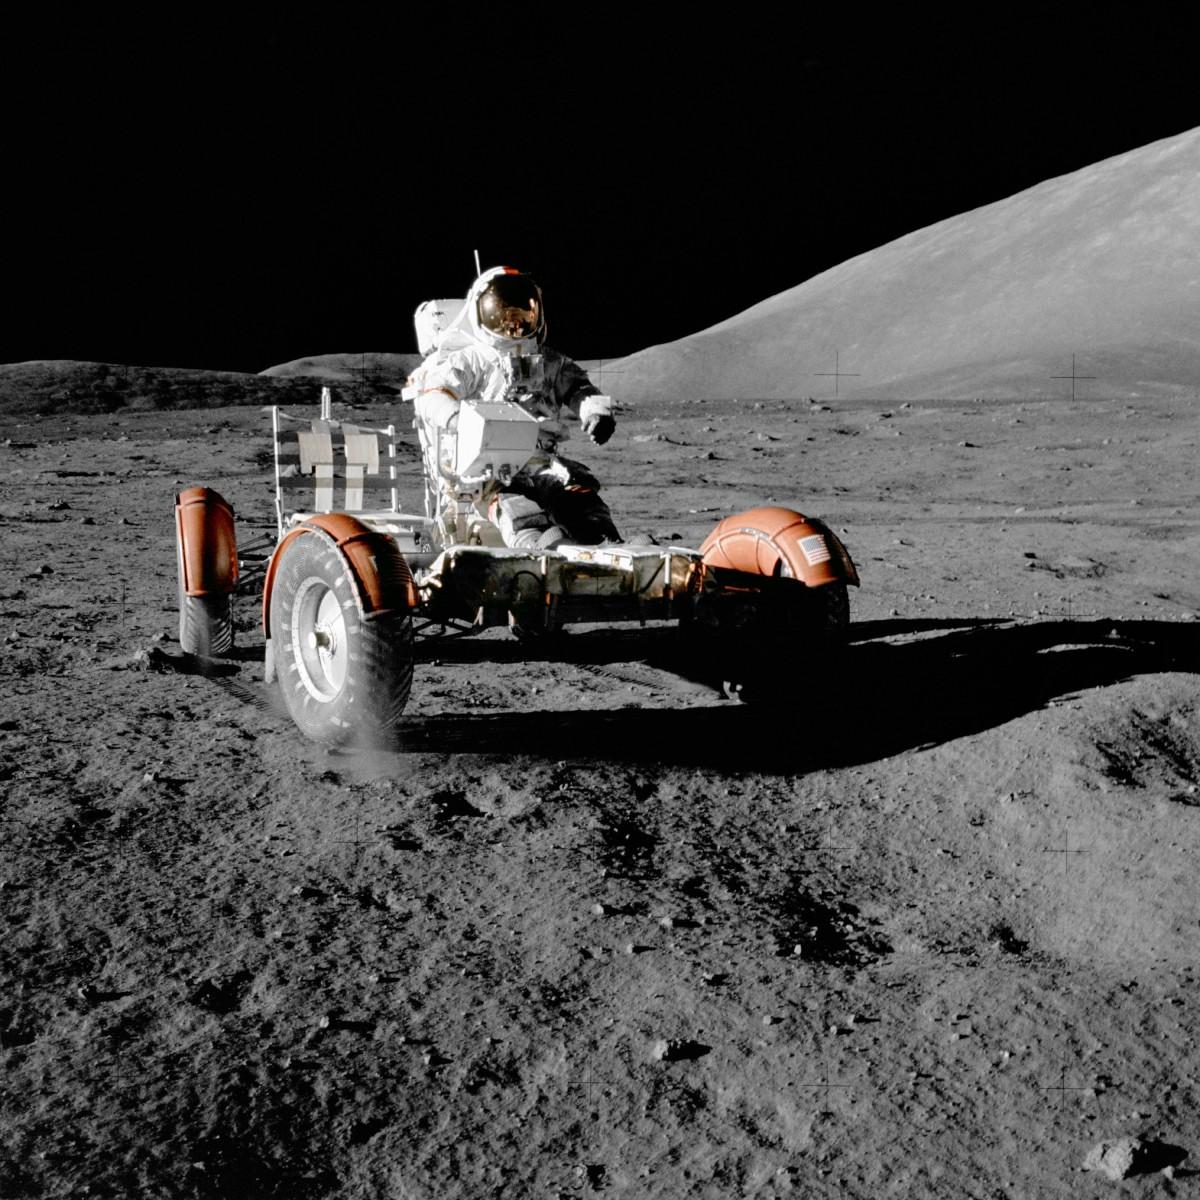 Space Exploration (Advantages vs. Disadvantages)